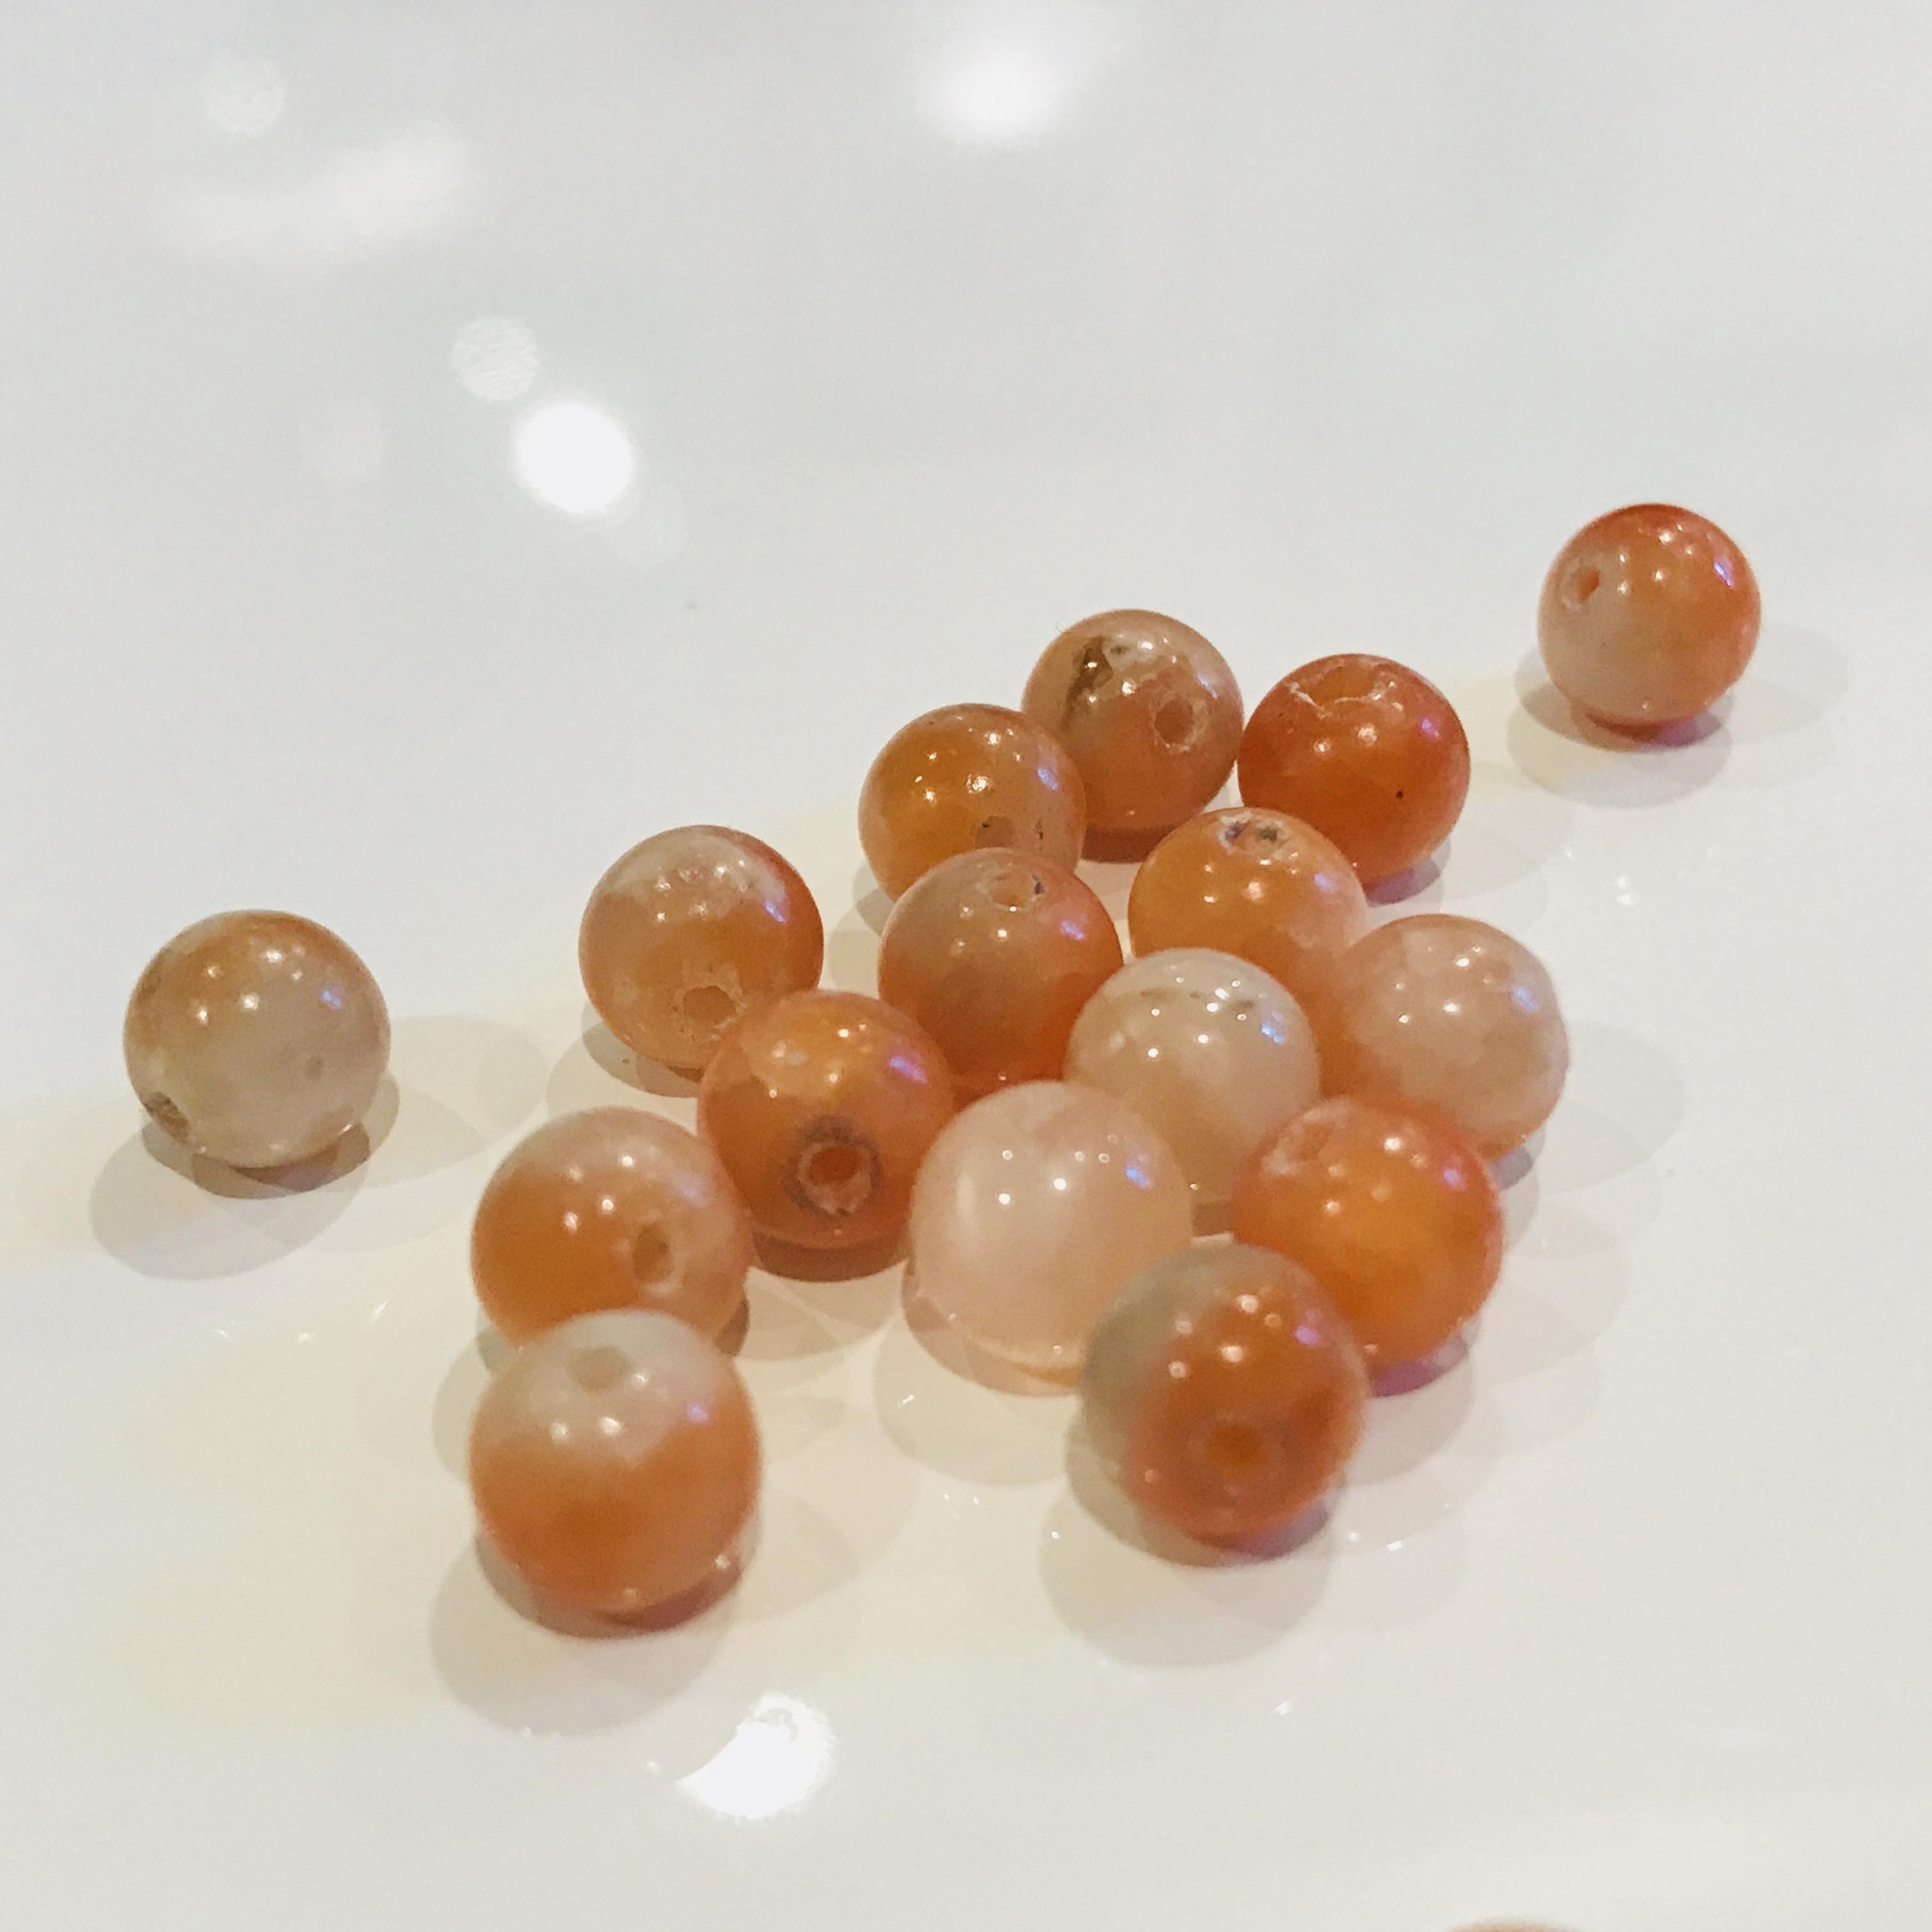 ポジティブパワー オレンジカルサイト 6mm玉